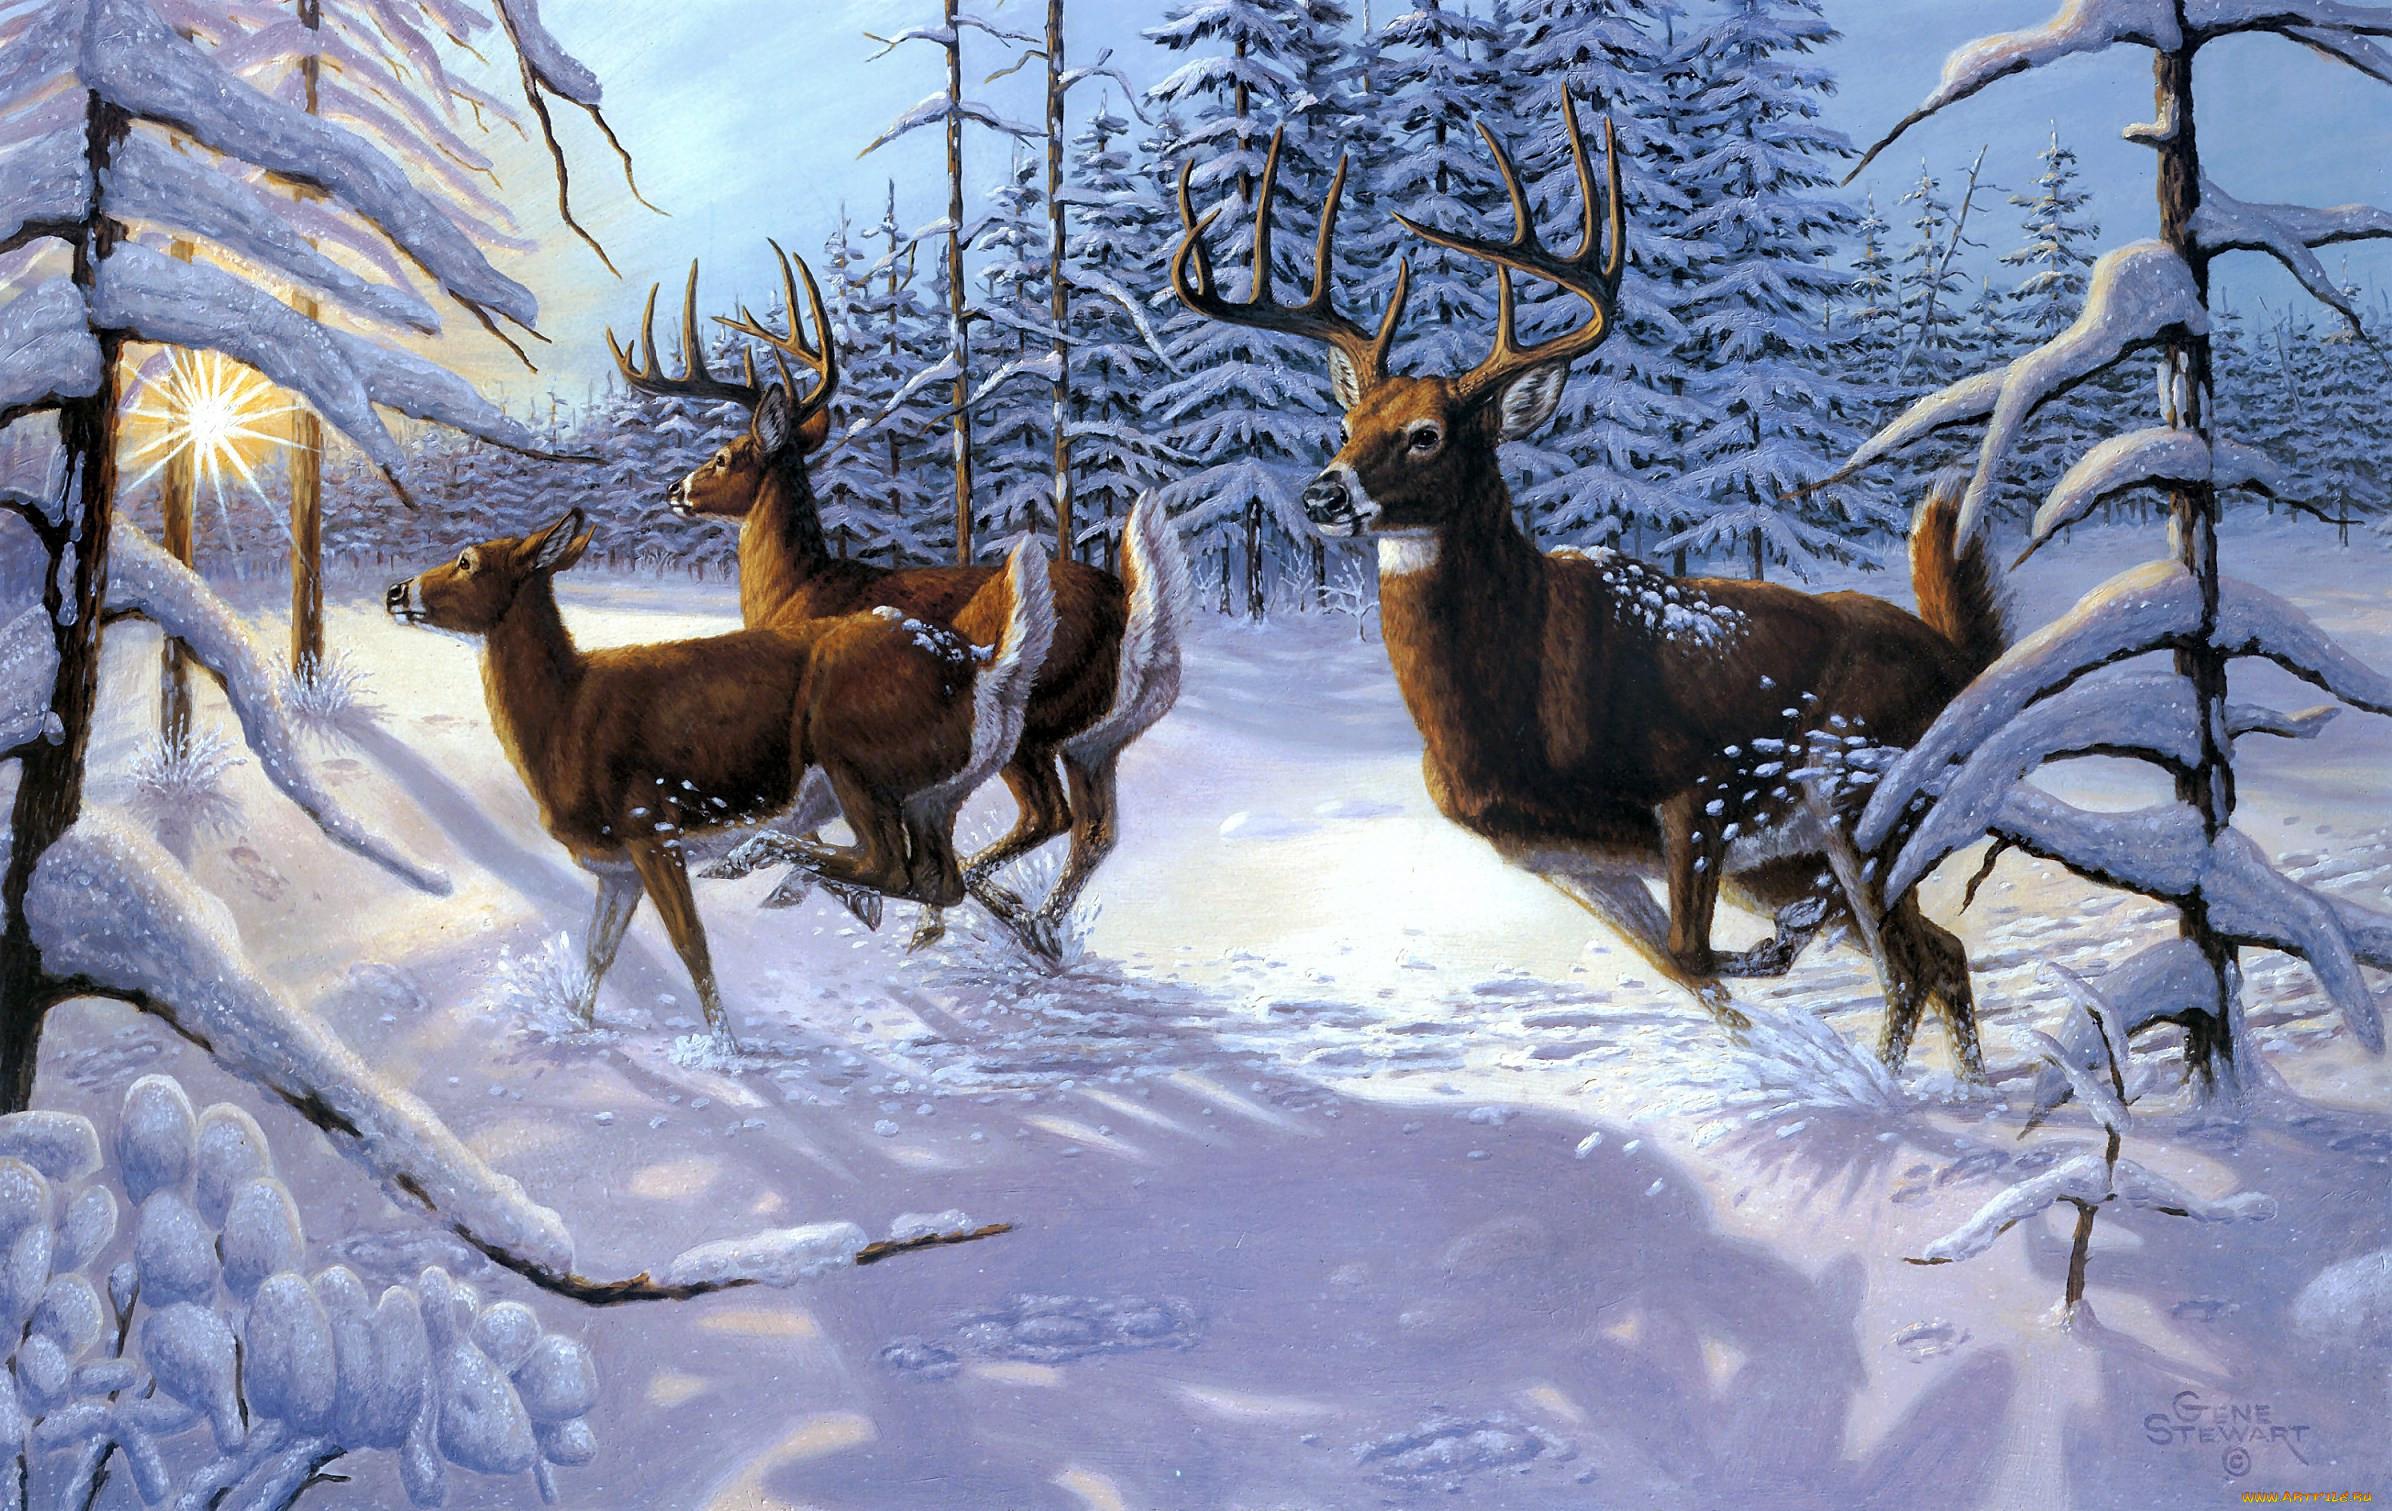 обои на рабочий стол олени в зимнем лесу щуку